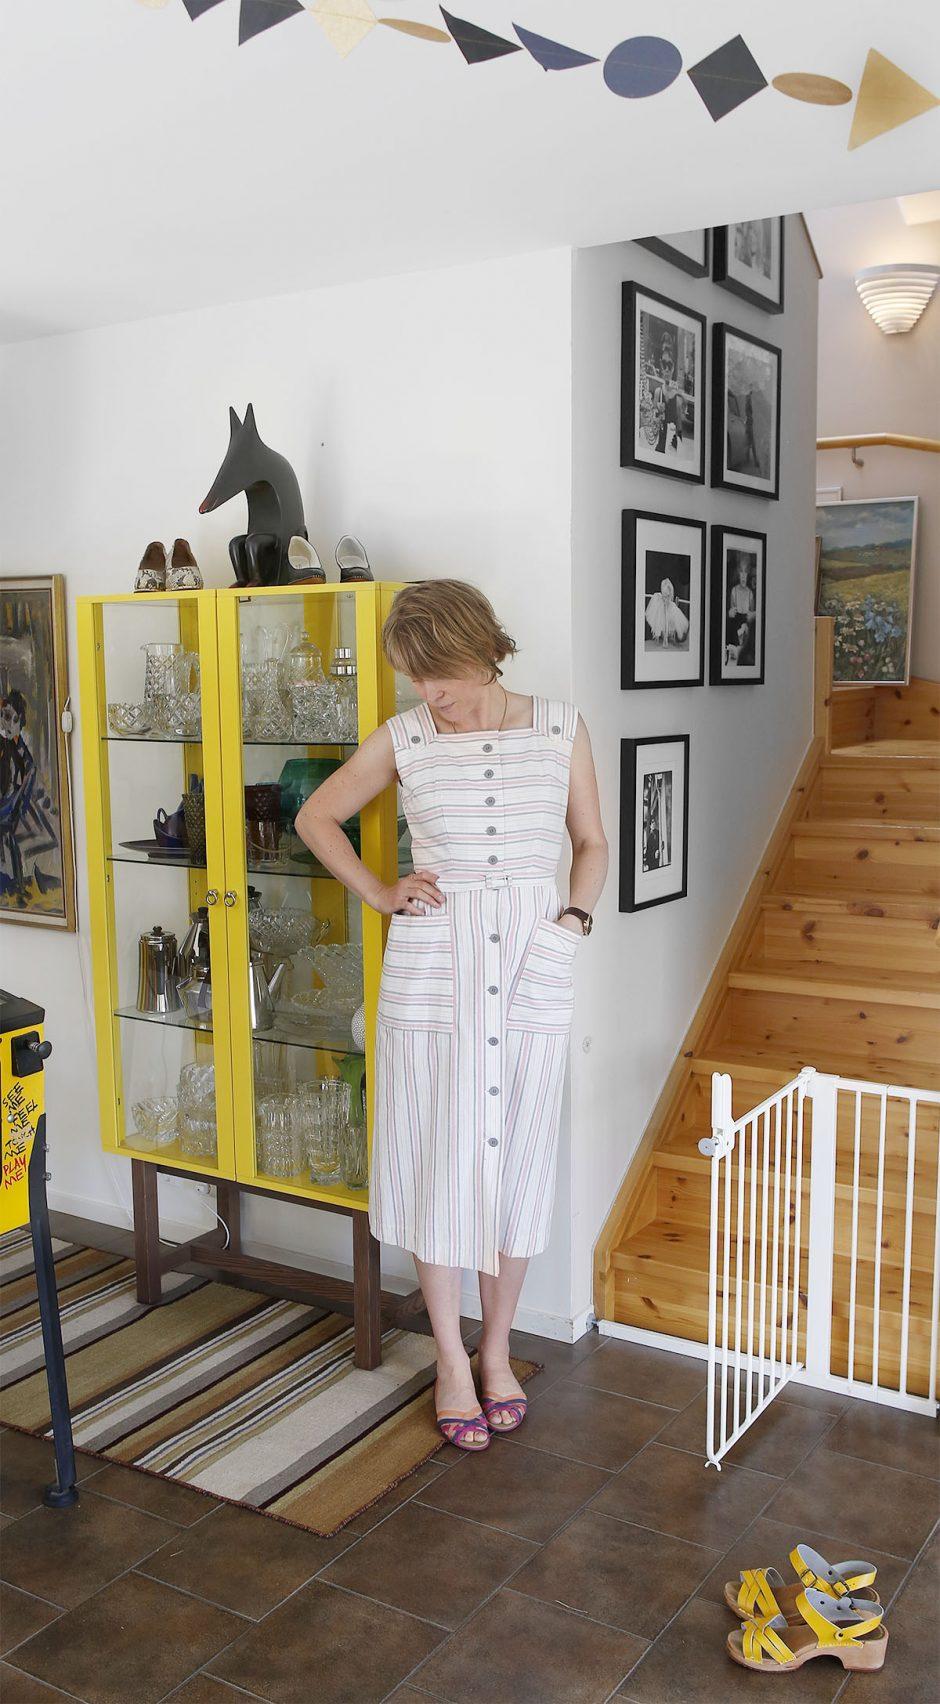 vintageklänning från butik gul